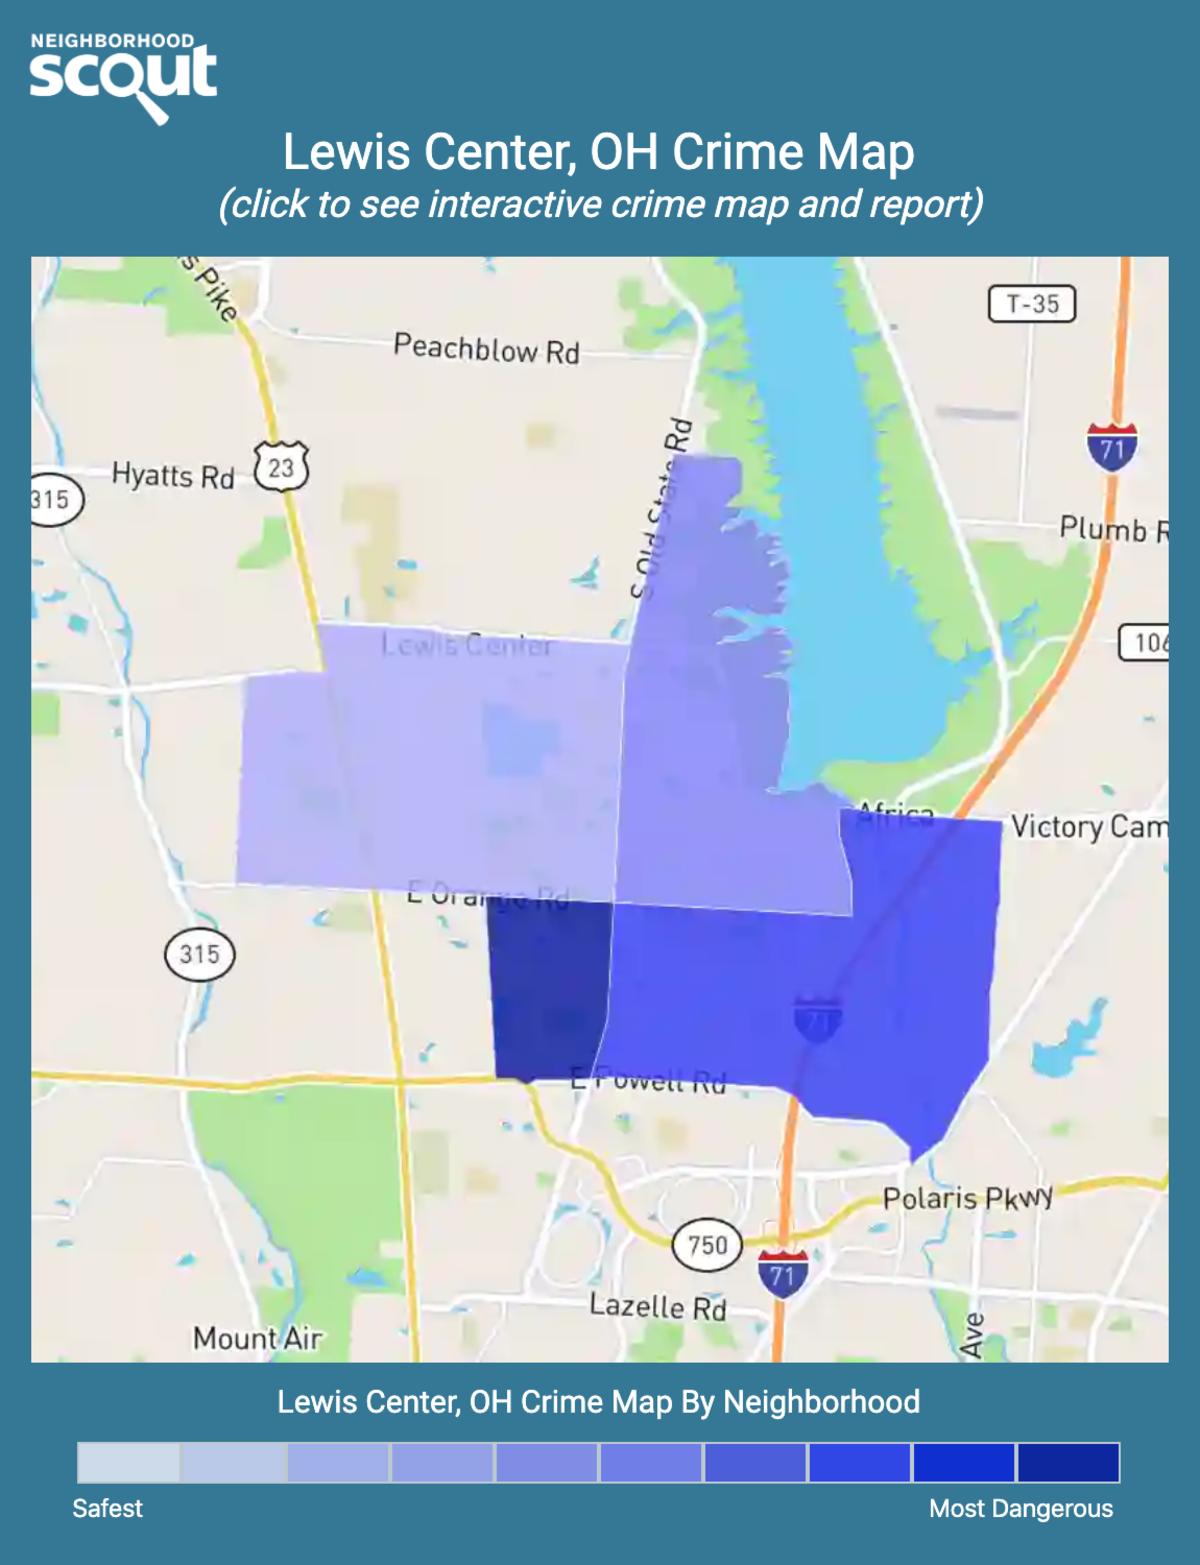 Lewis Center, Ohio crime map